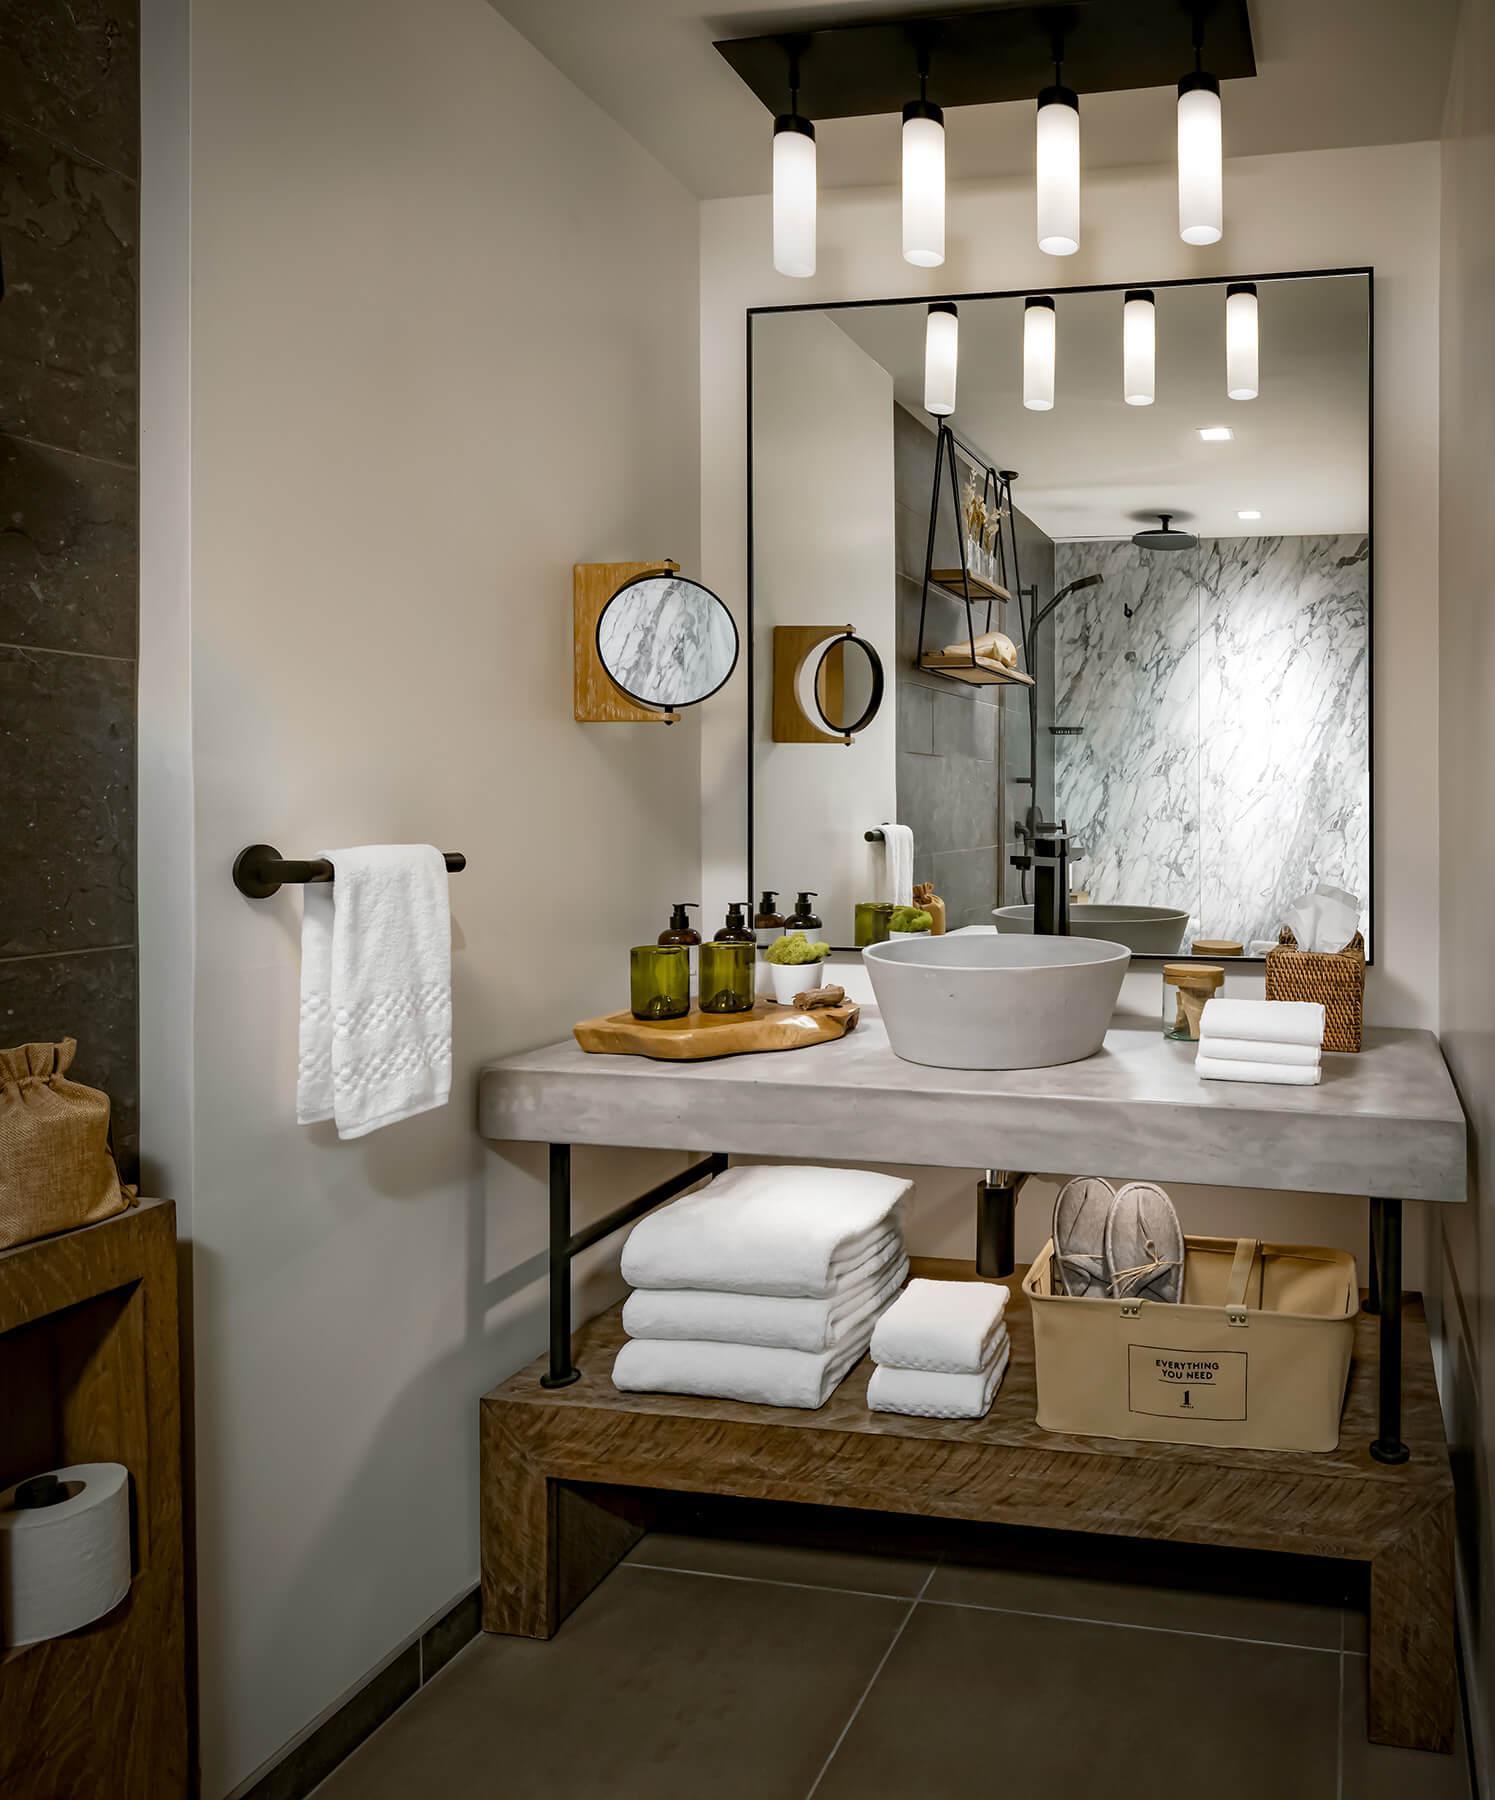 Image of bathroom vanity